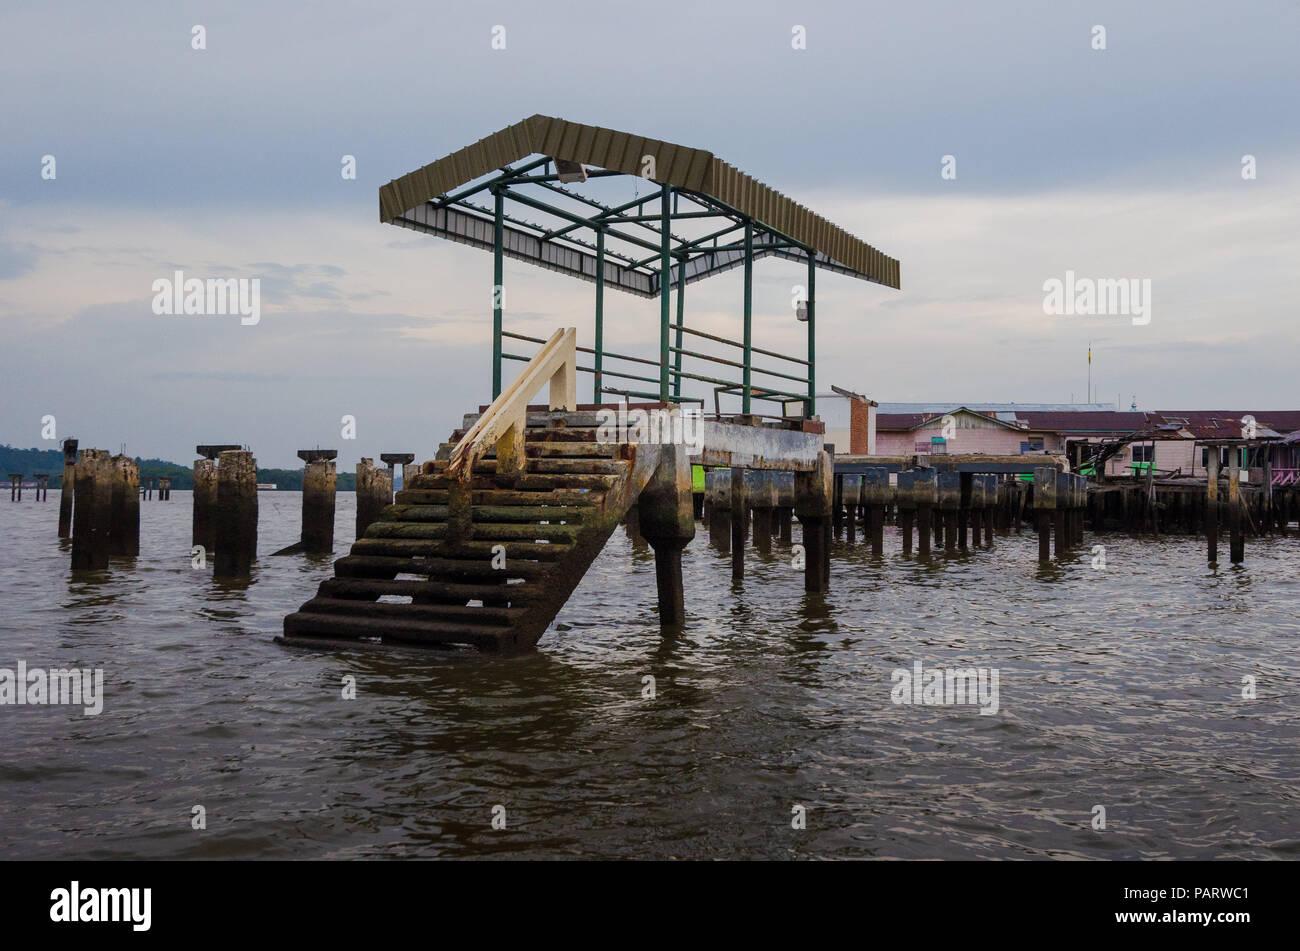 Abandoned pier near a floating village (kampong) in Badar Sri Begawan, Brunei. - Stock Image